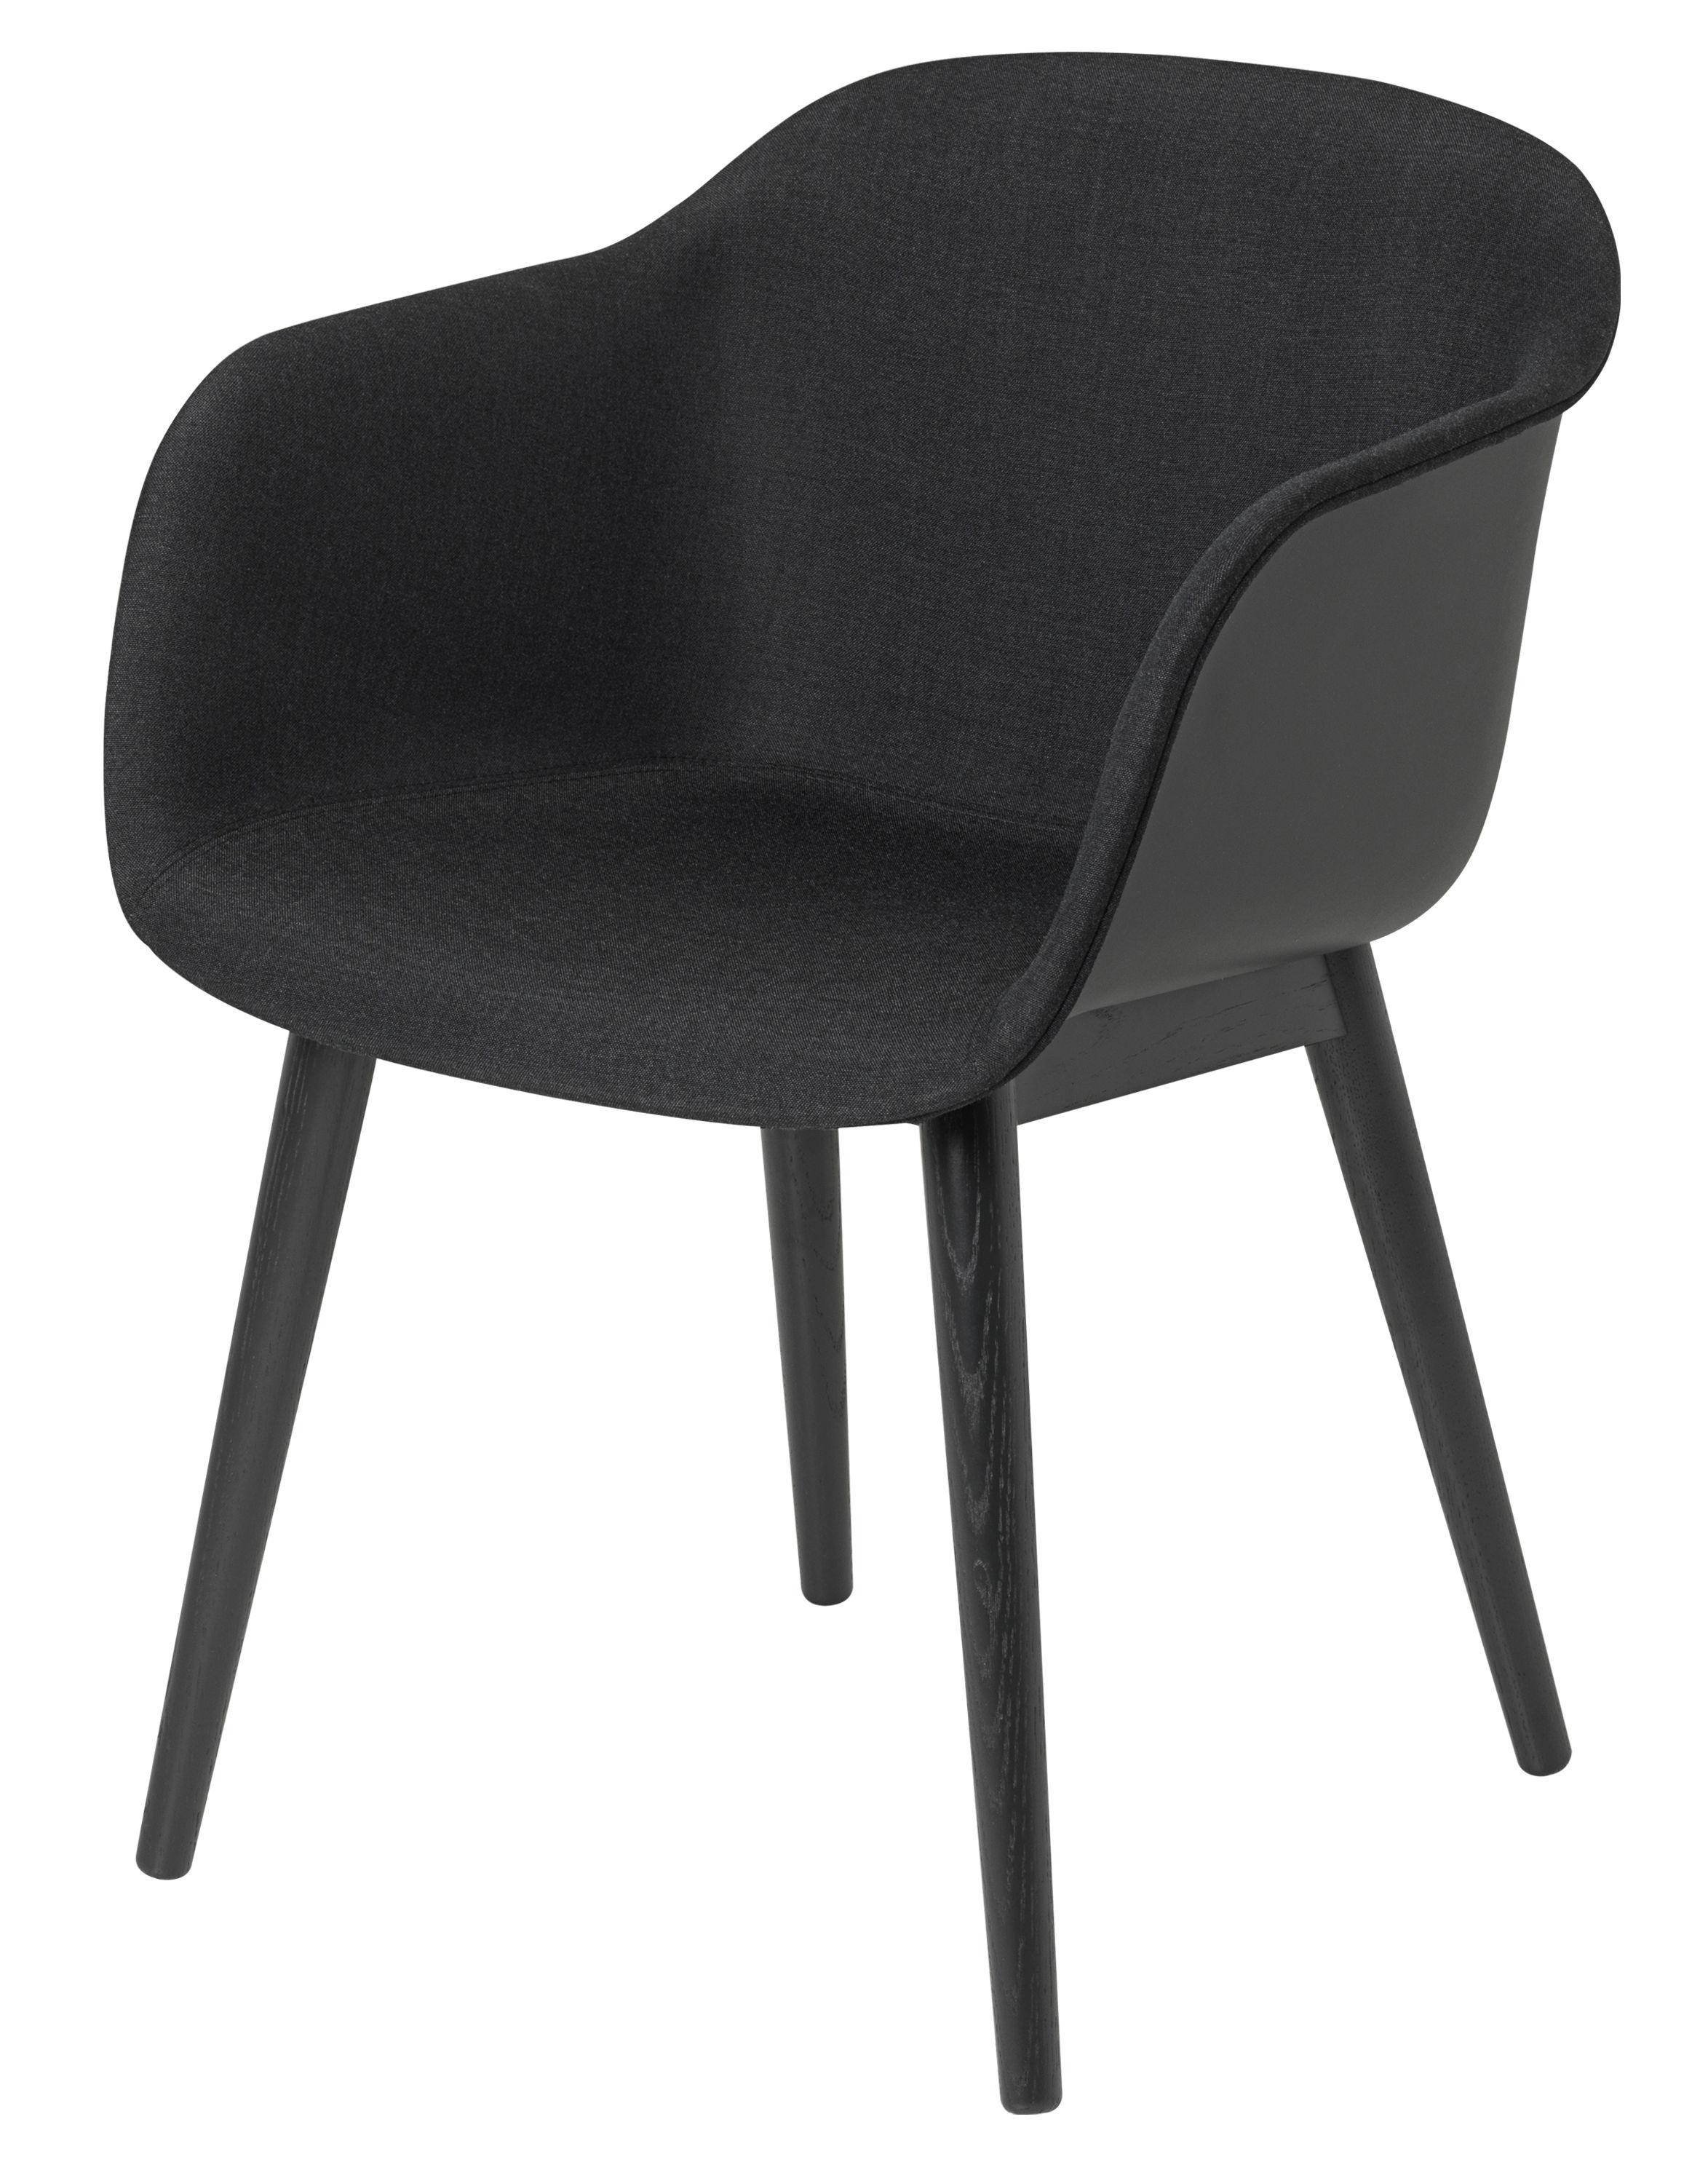 Möbel - Stühle  - Fiber Gepolsterter Sessel / 4 Stuhlbeine aus Holz - Muuto - Schwarz / innen dunkelgrau - bemalte Eiche, Kvadrat-Gewebe, Recyceltes Verbundmaterial